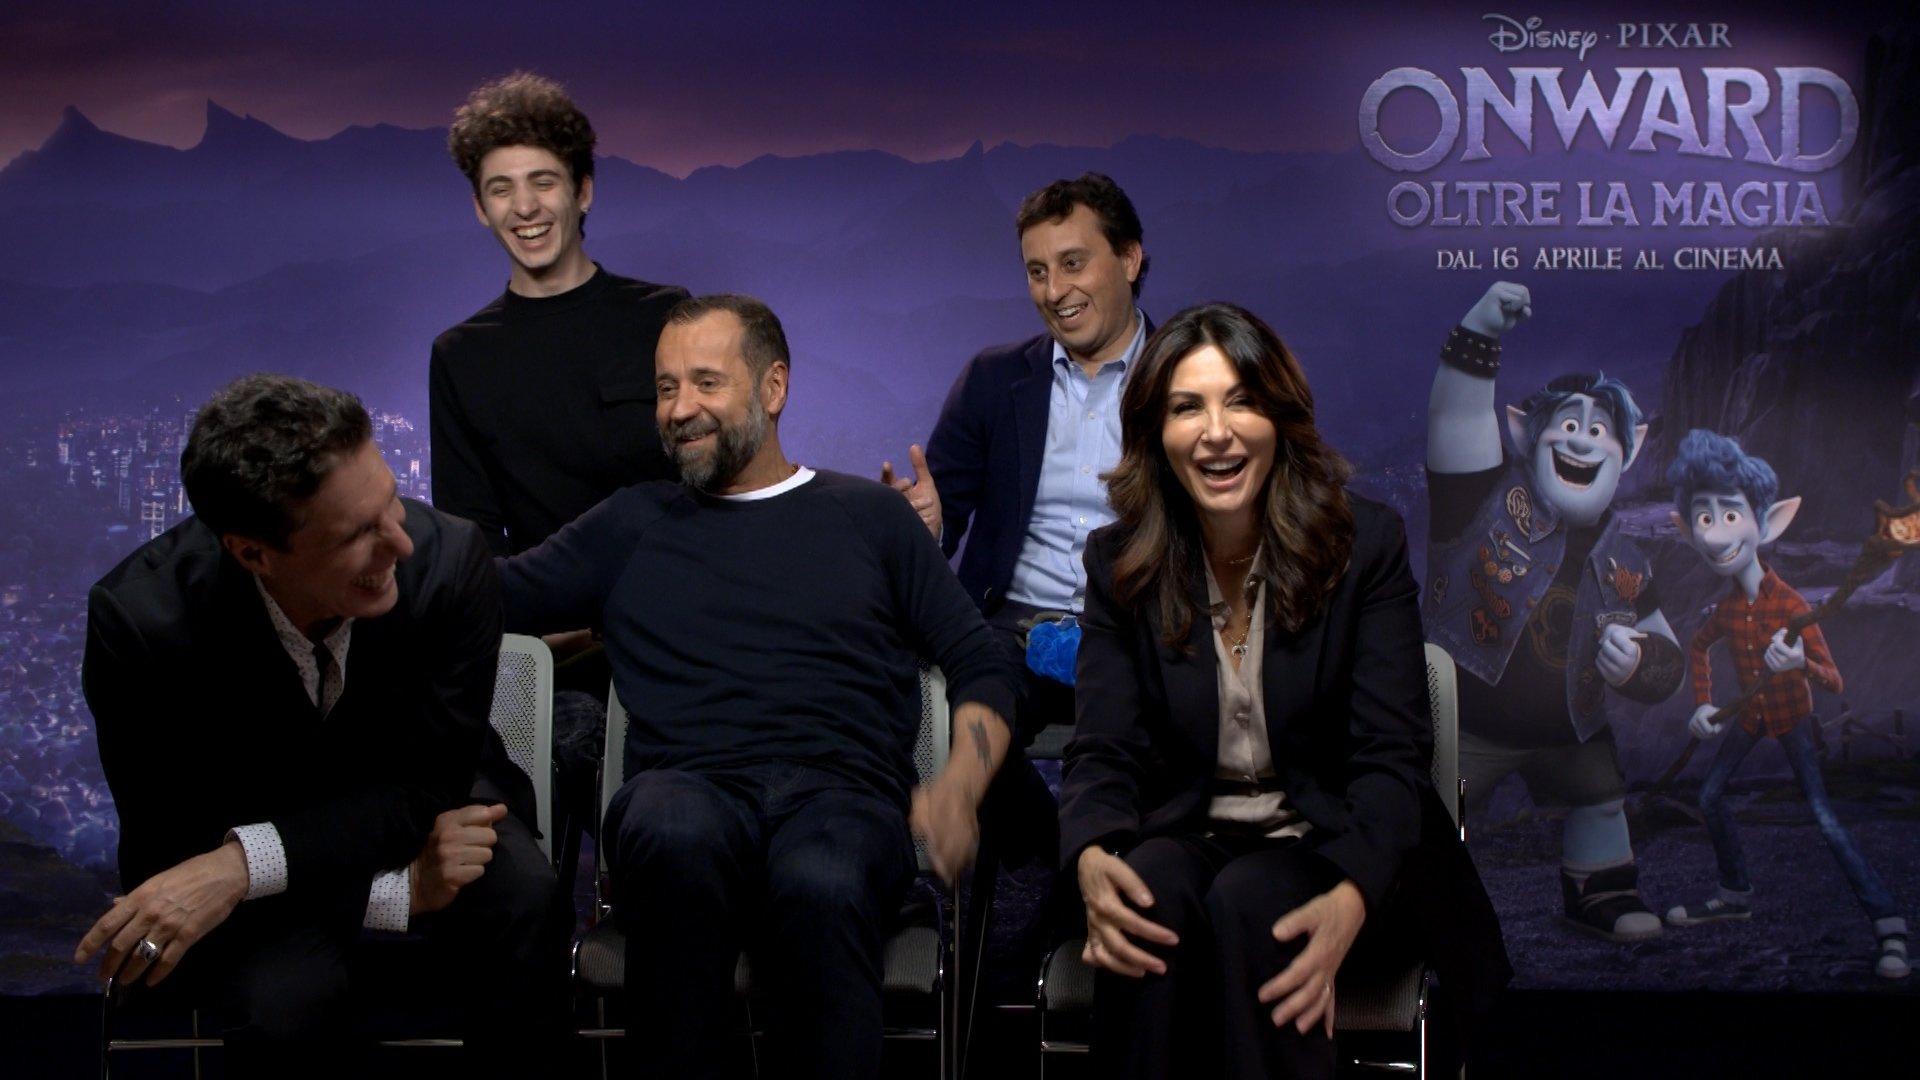 """Il nuovo film della Disney Pixar """"Onward"""" - i doppiatori italiani"""